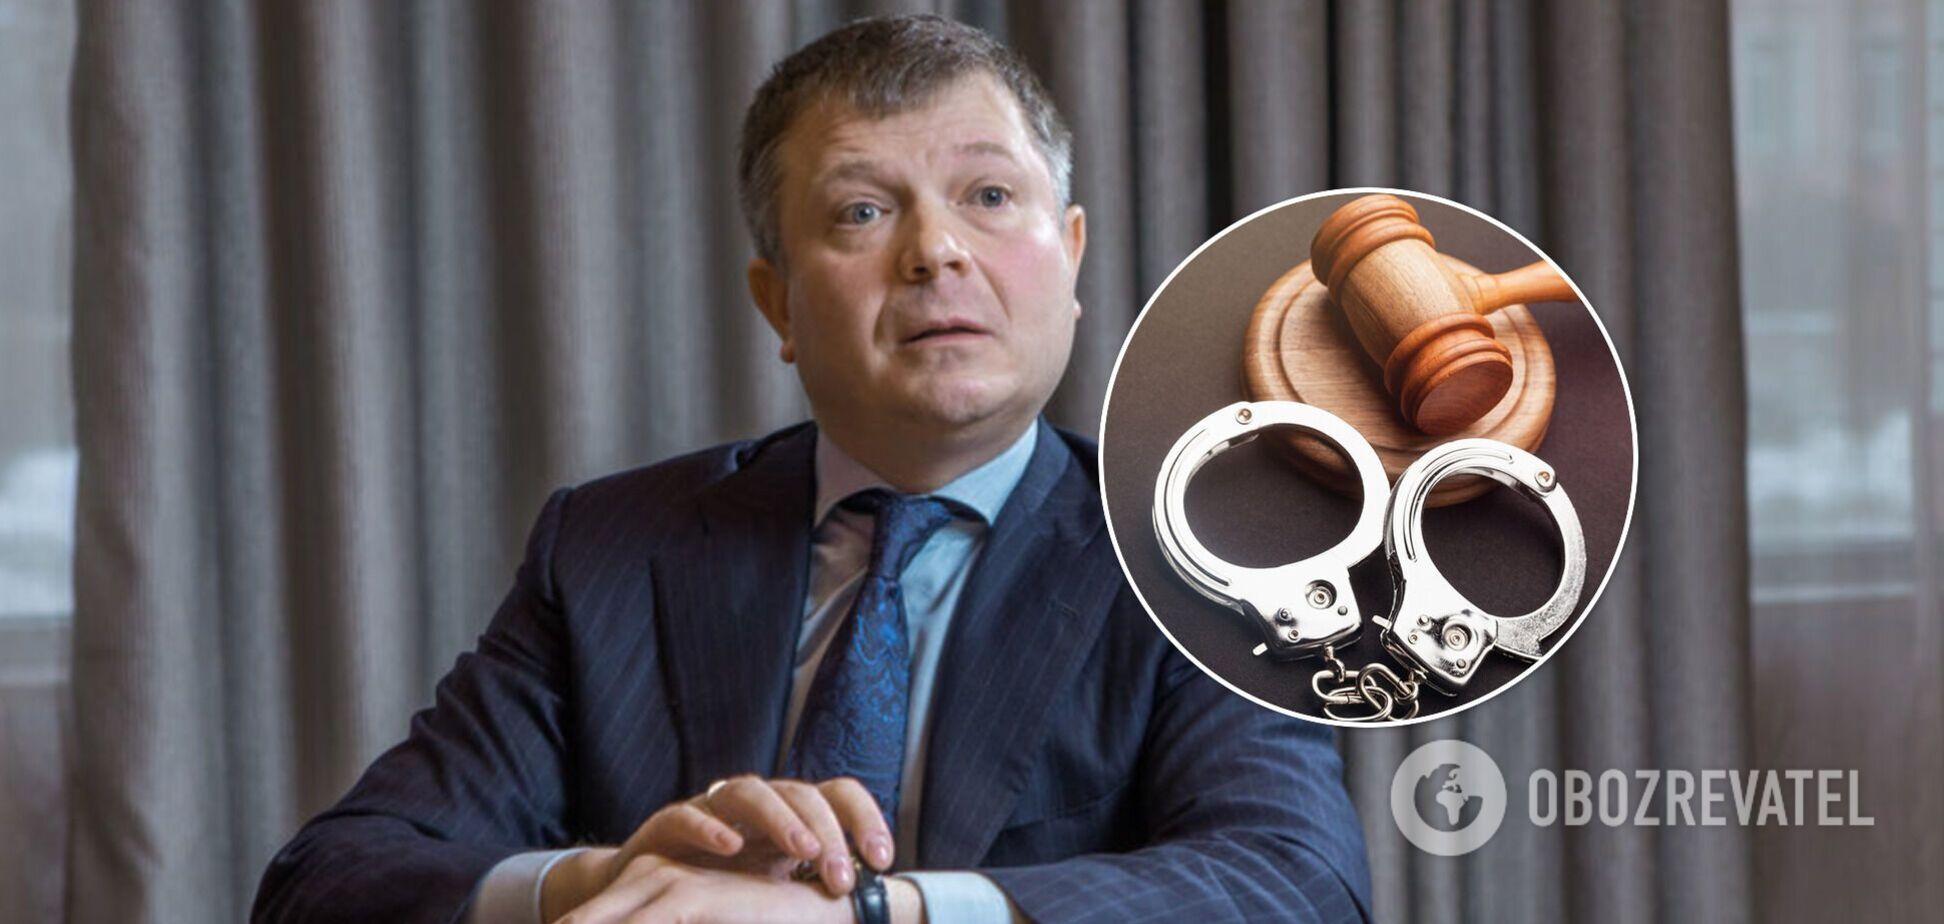 Суд заочно арестовал объявленного в международный розыск олигарха Жеваго